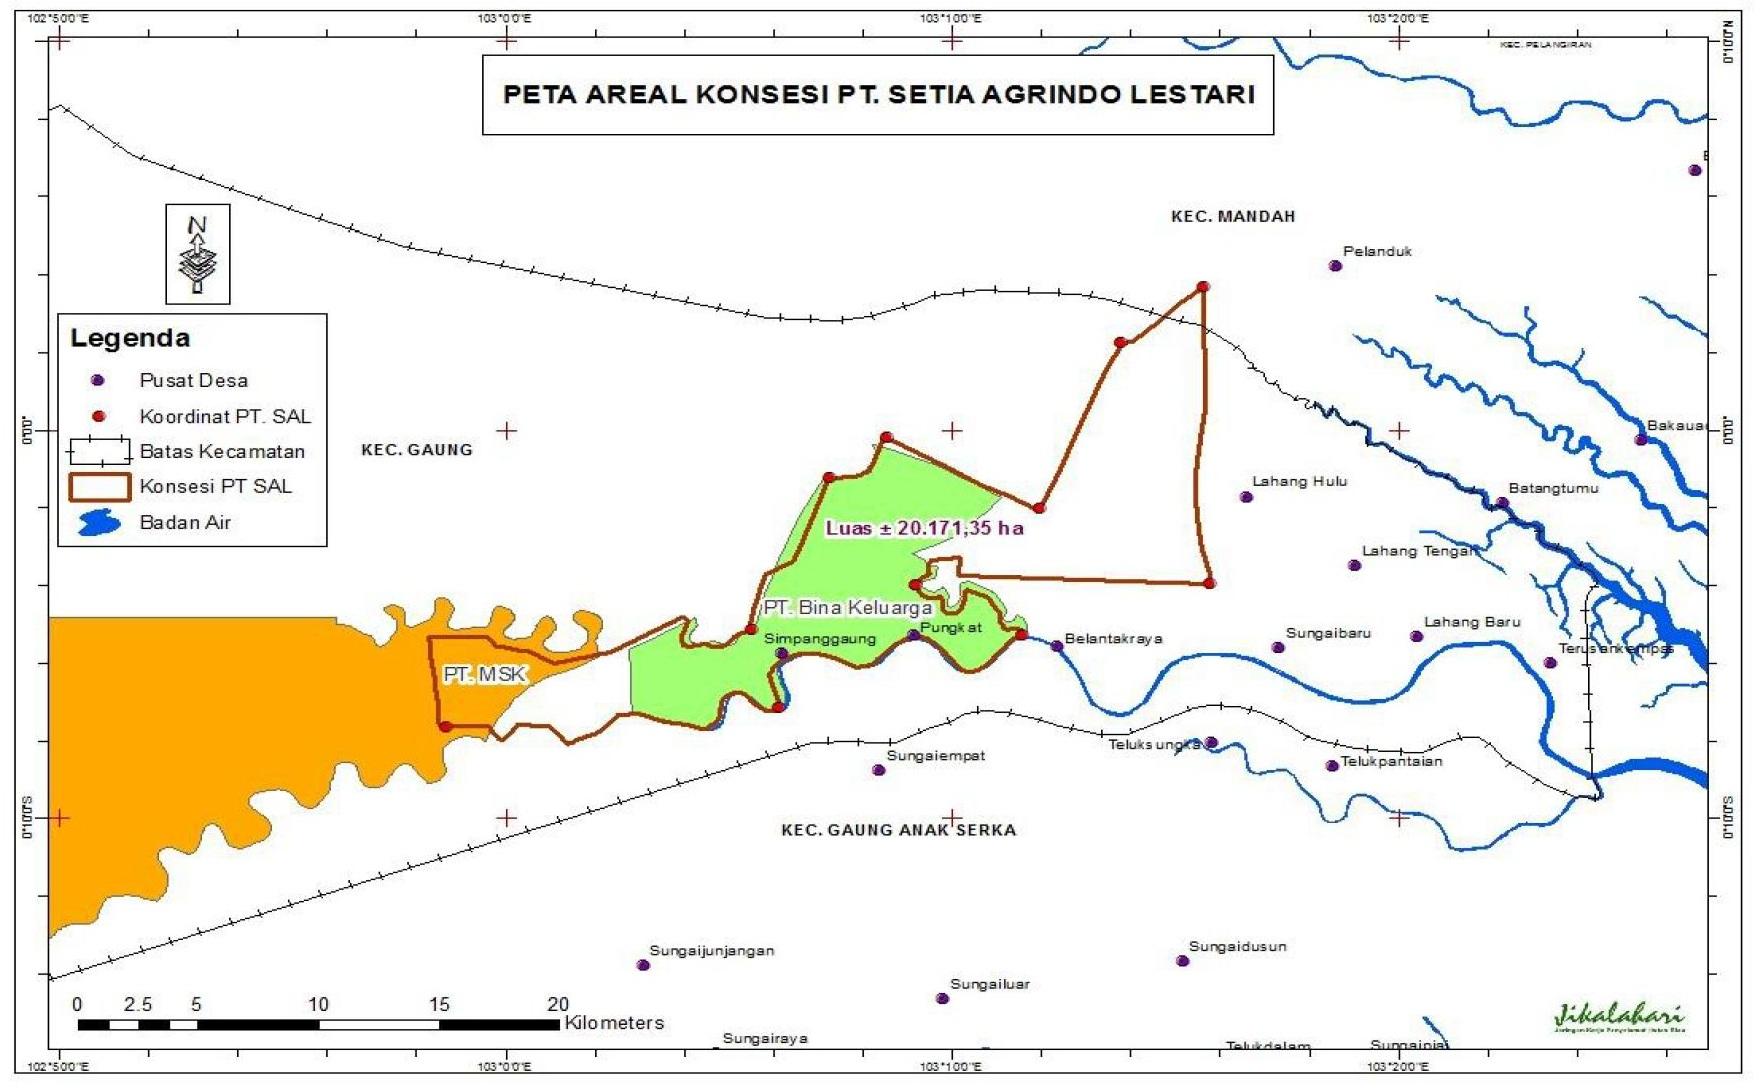 Berdasarkan peta konsesi Kementerian Kehutanan 2010 pada kawasan konsesi PT Setia Agrindo Lestari, terdapat tumpang tindih dengan kawasan konsesi PT Mutiara Sabuk Khatulistiwa seluas sekitar 2.000 hektar. Sumber : Jikalahari